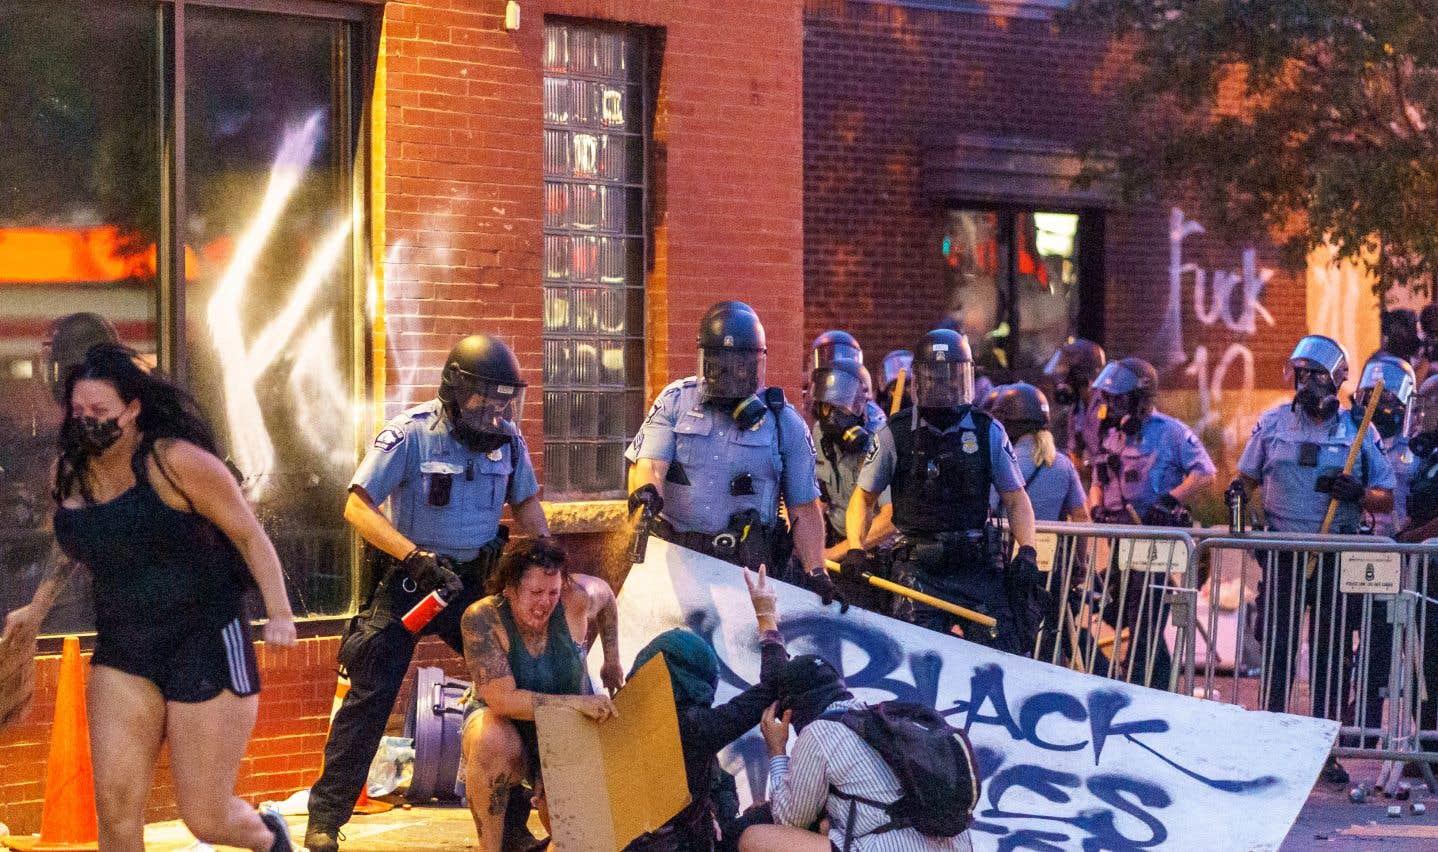 Des policiers arrosent des manifestants avec du poivre de cayenne lors d'une manifestation contre le meurtre de George Floyd à l'extérieur poste de police no. 3 à Minneapolis.